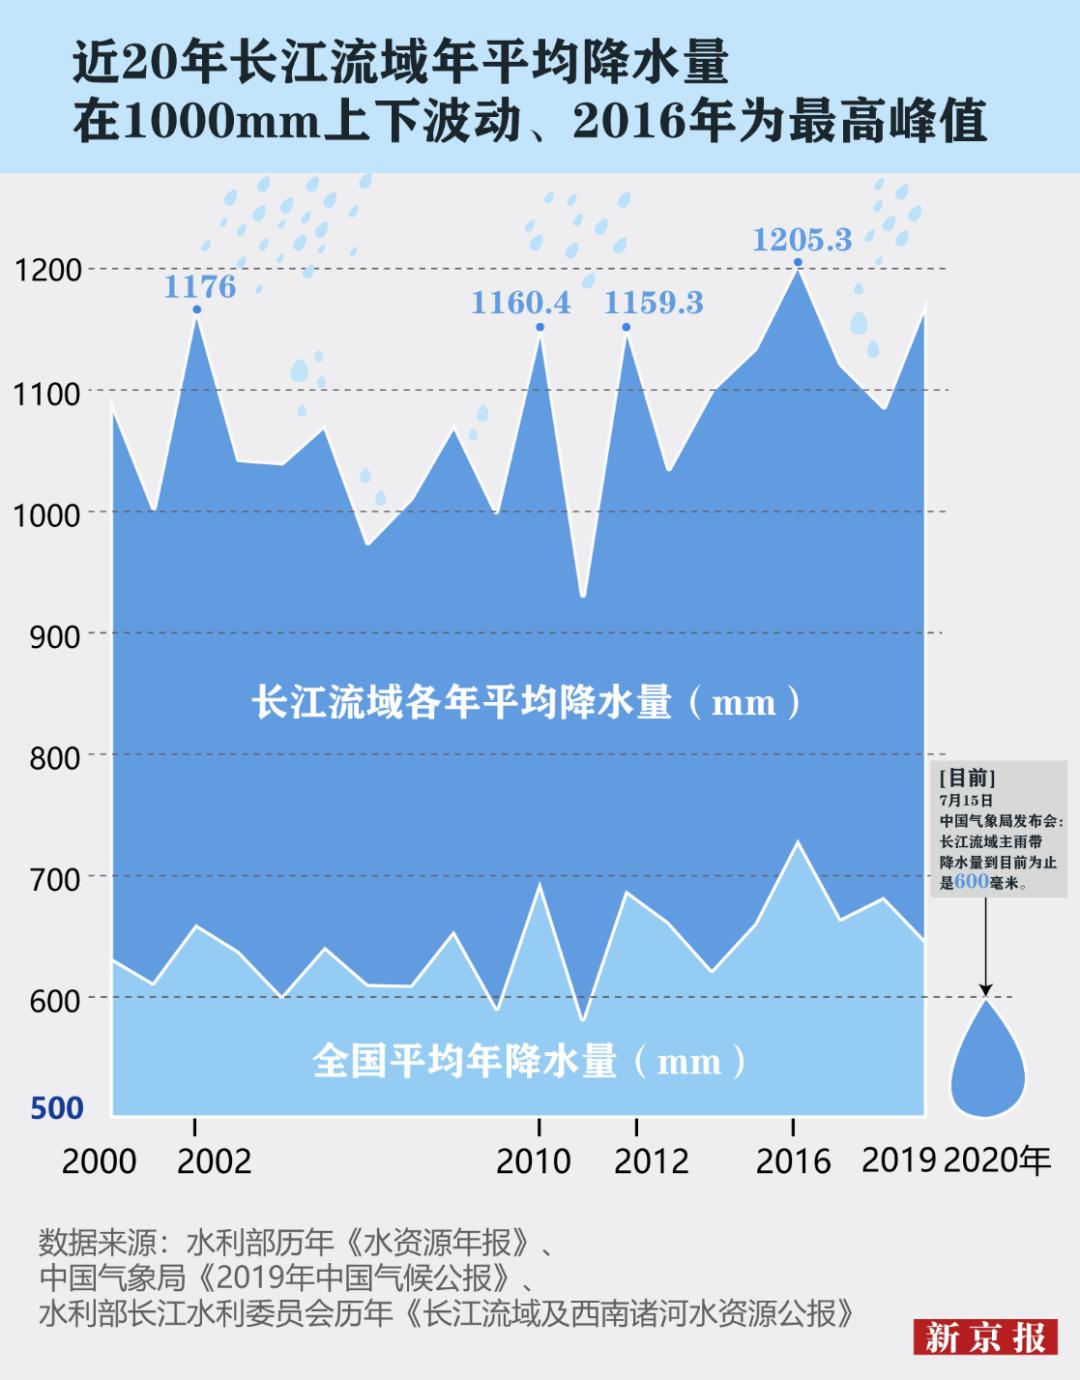 杏悦:这场杏悦暴雨洪灾在历史上到底是什么水平图片